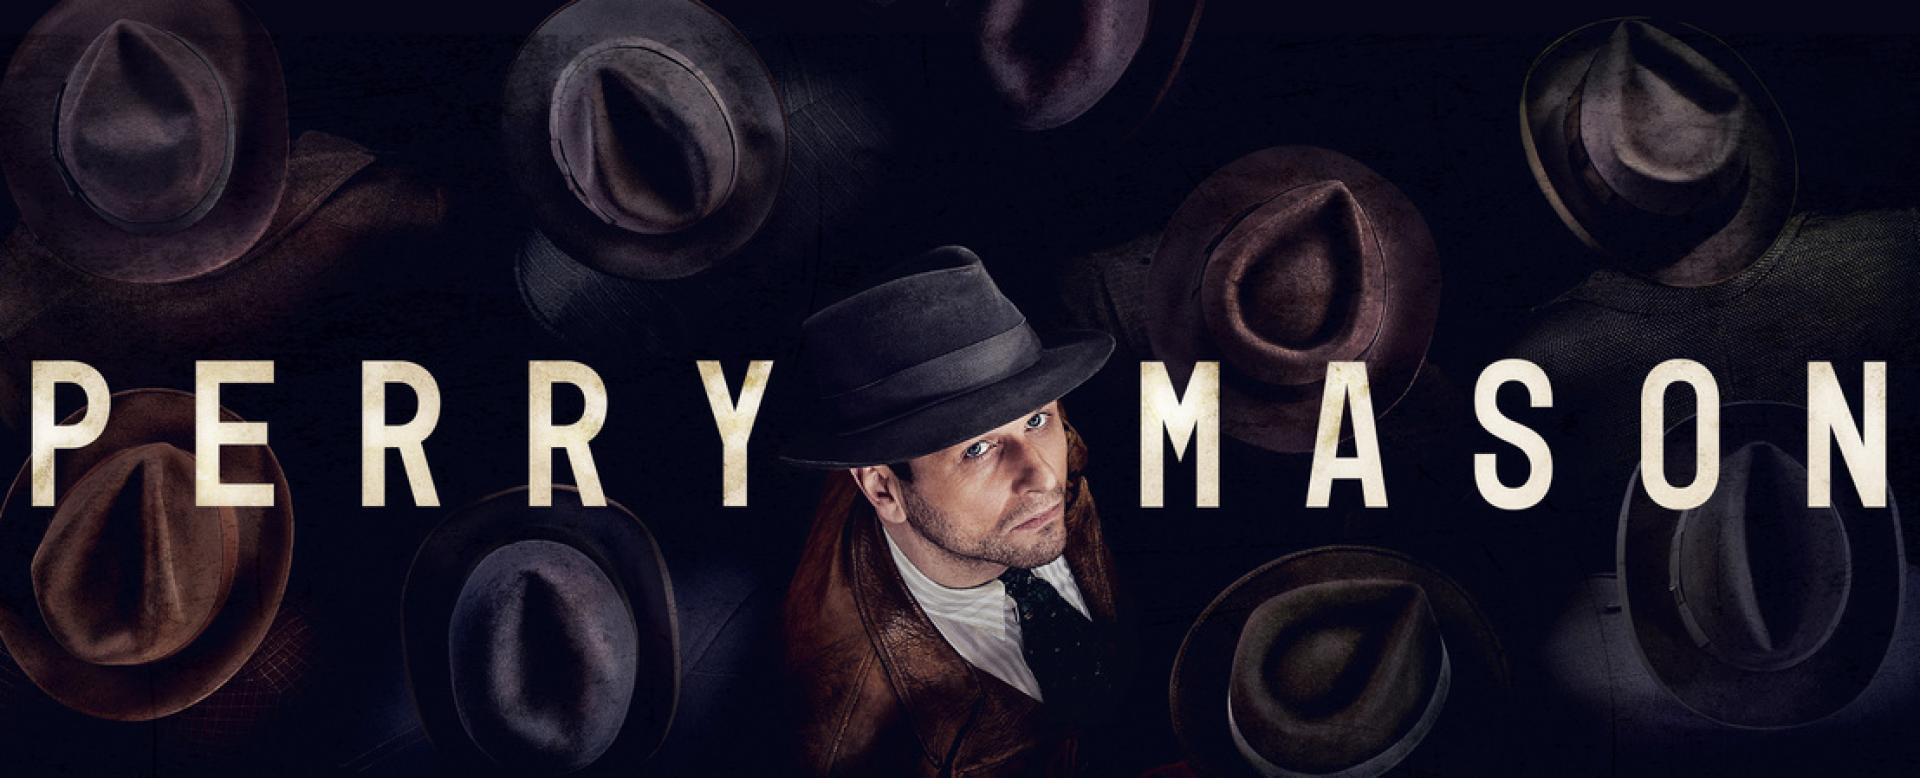 Perry Mason első évadának értékelése (2020)